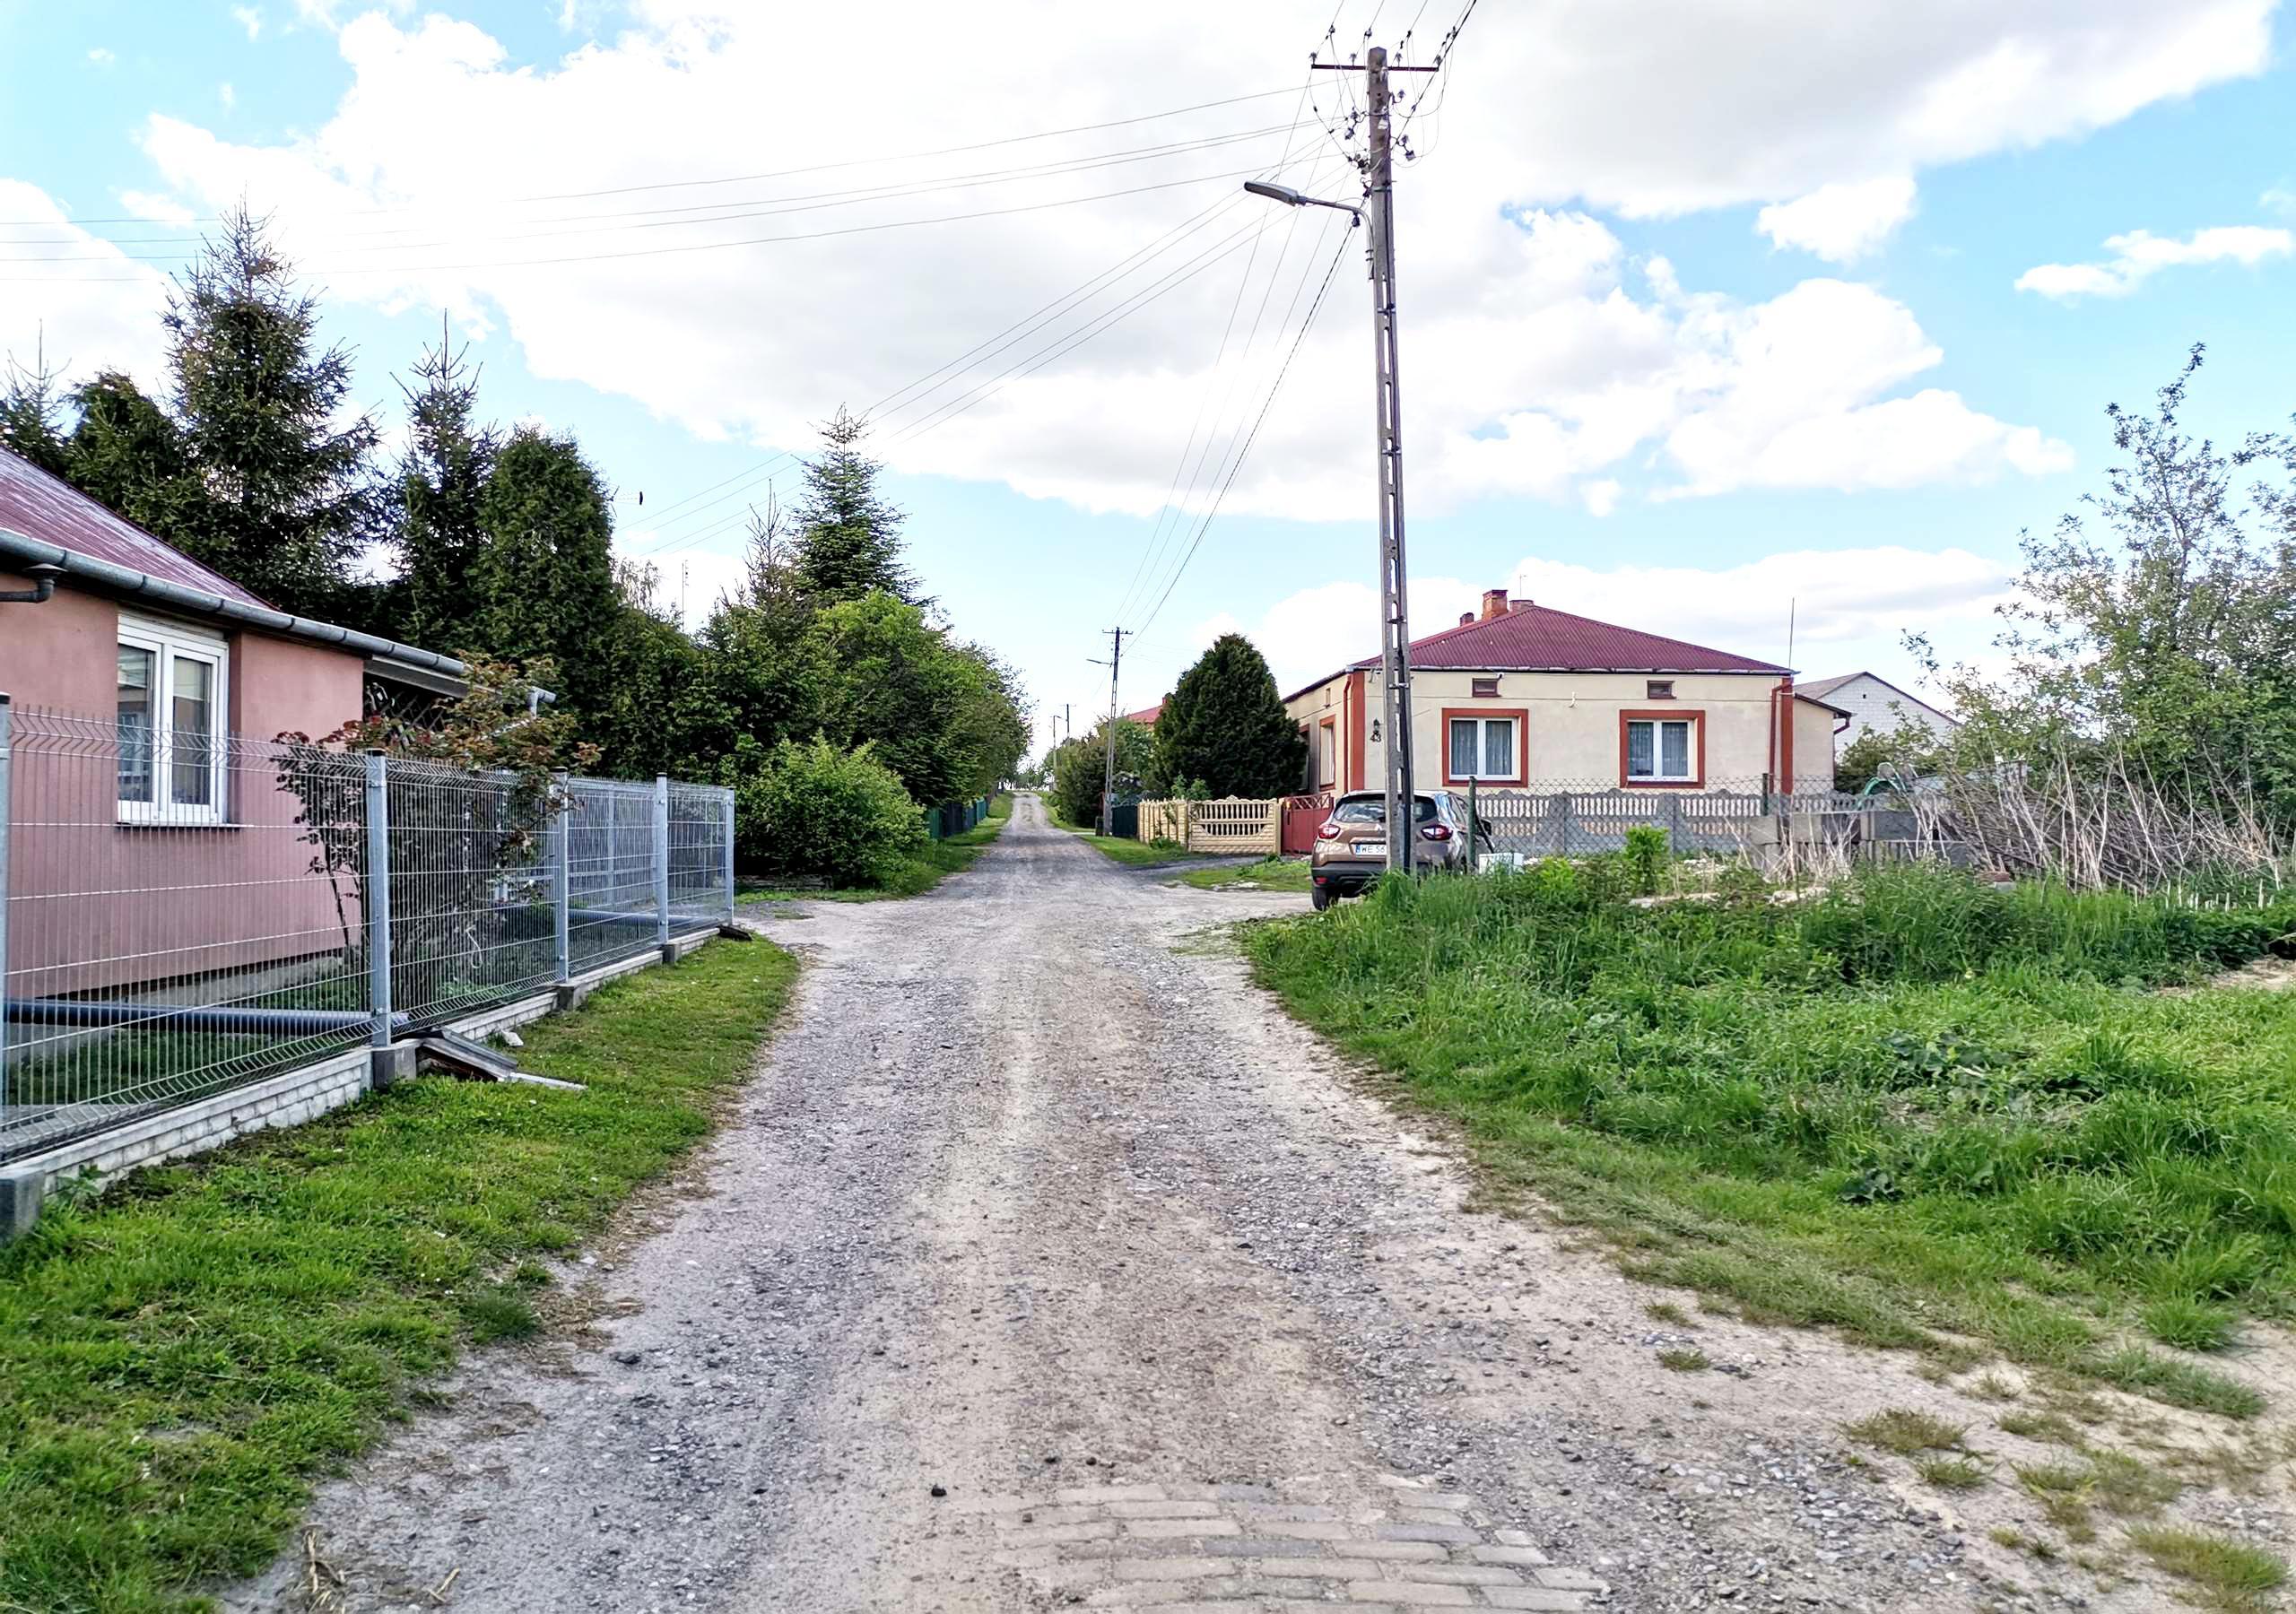 nowy dom wielacza - dom na sprzedaż - Krzysztof Górski Nieruchomości Zamość